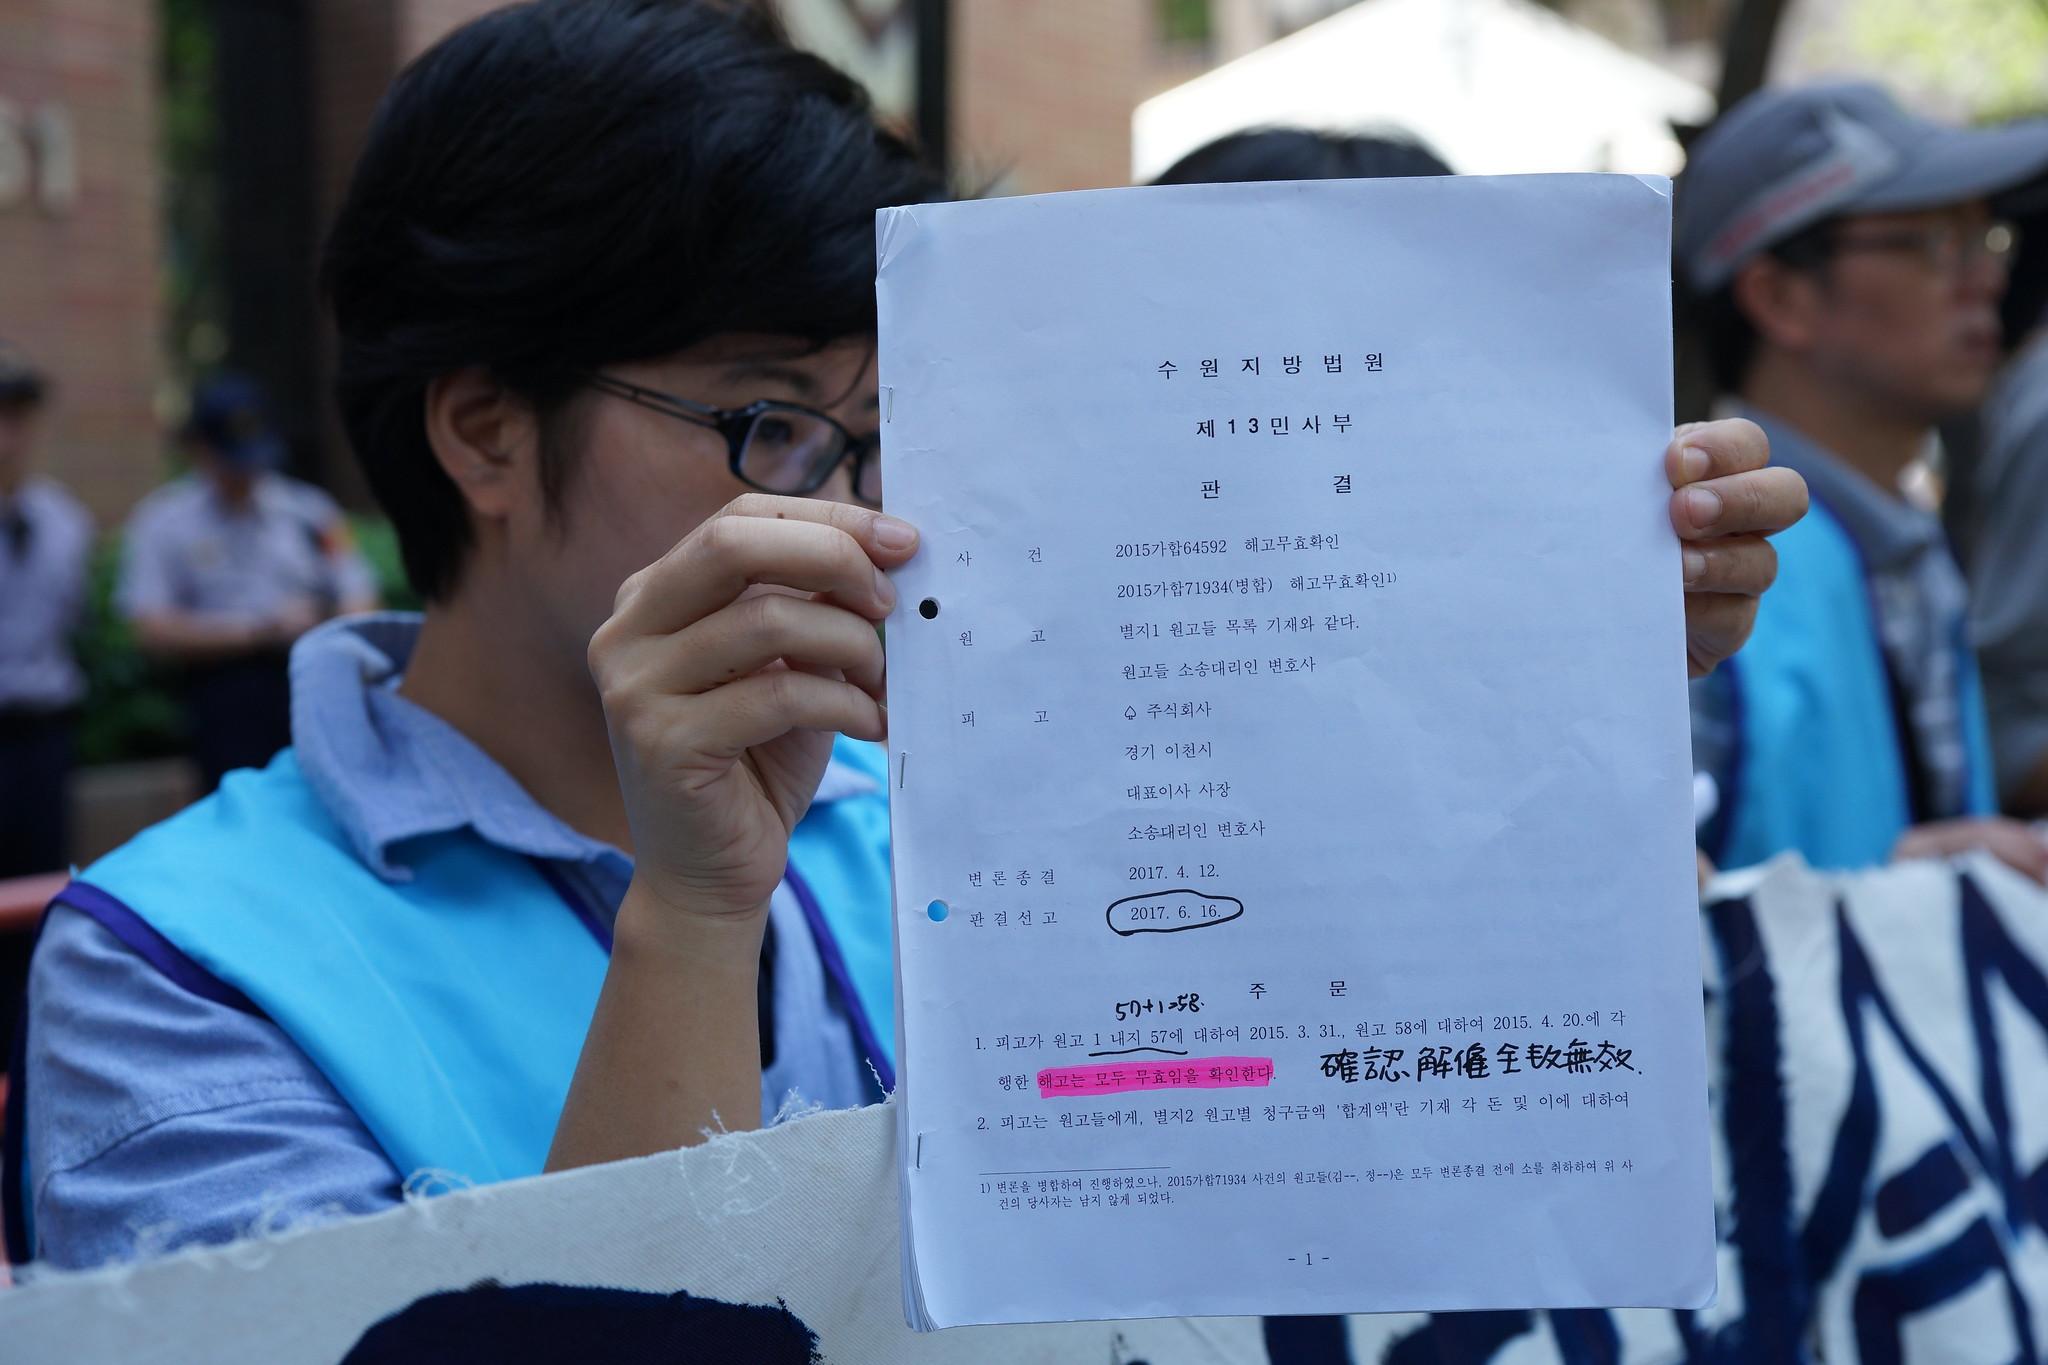 聲援勞團拿著韓法院的一審判決書,呼籲永豐餘撤回上訴。(攝影:王顥中)